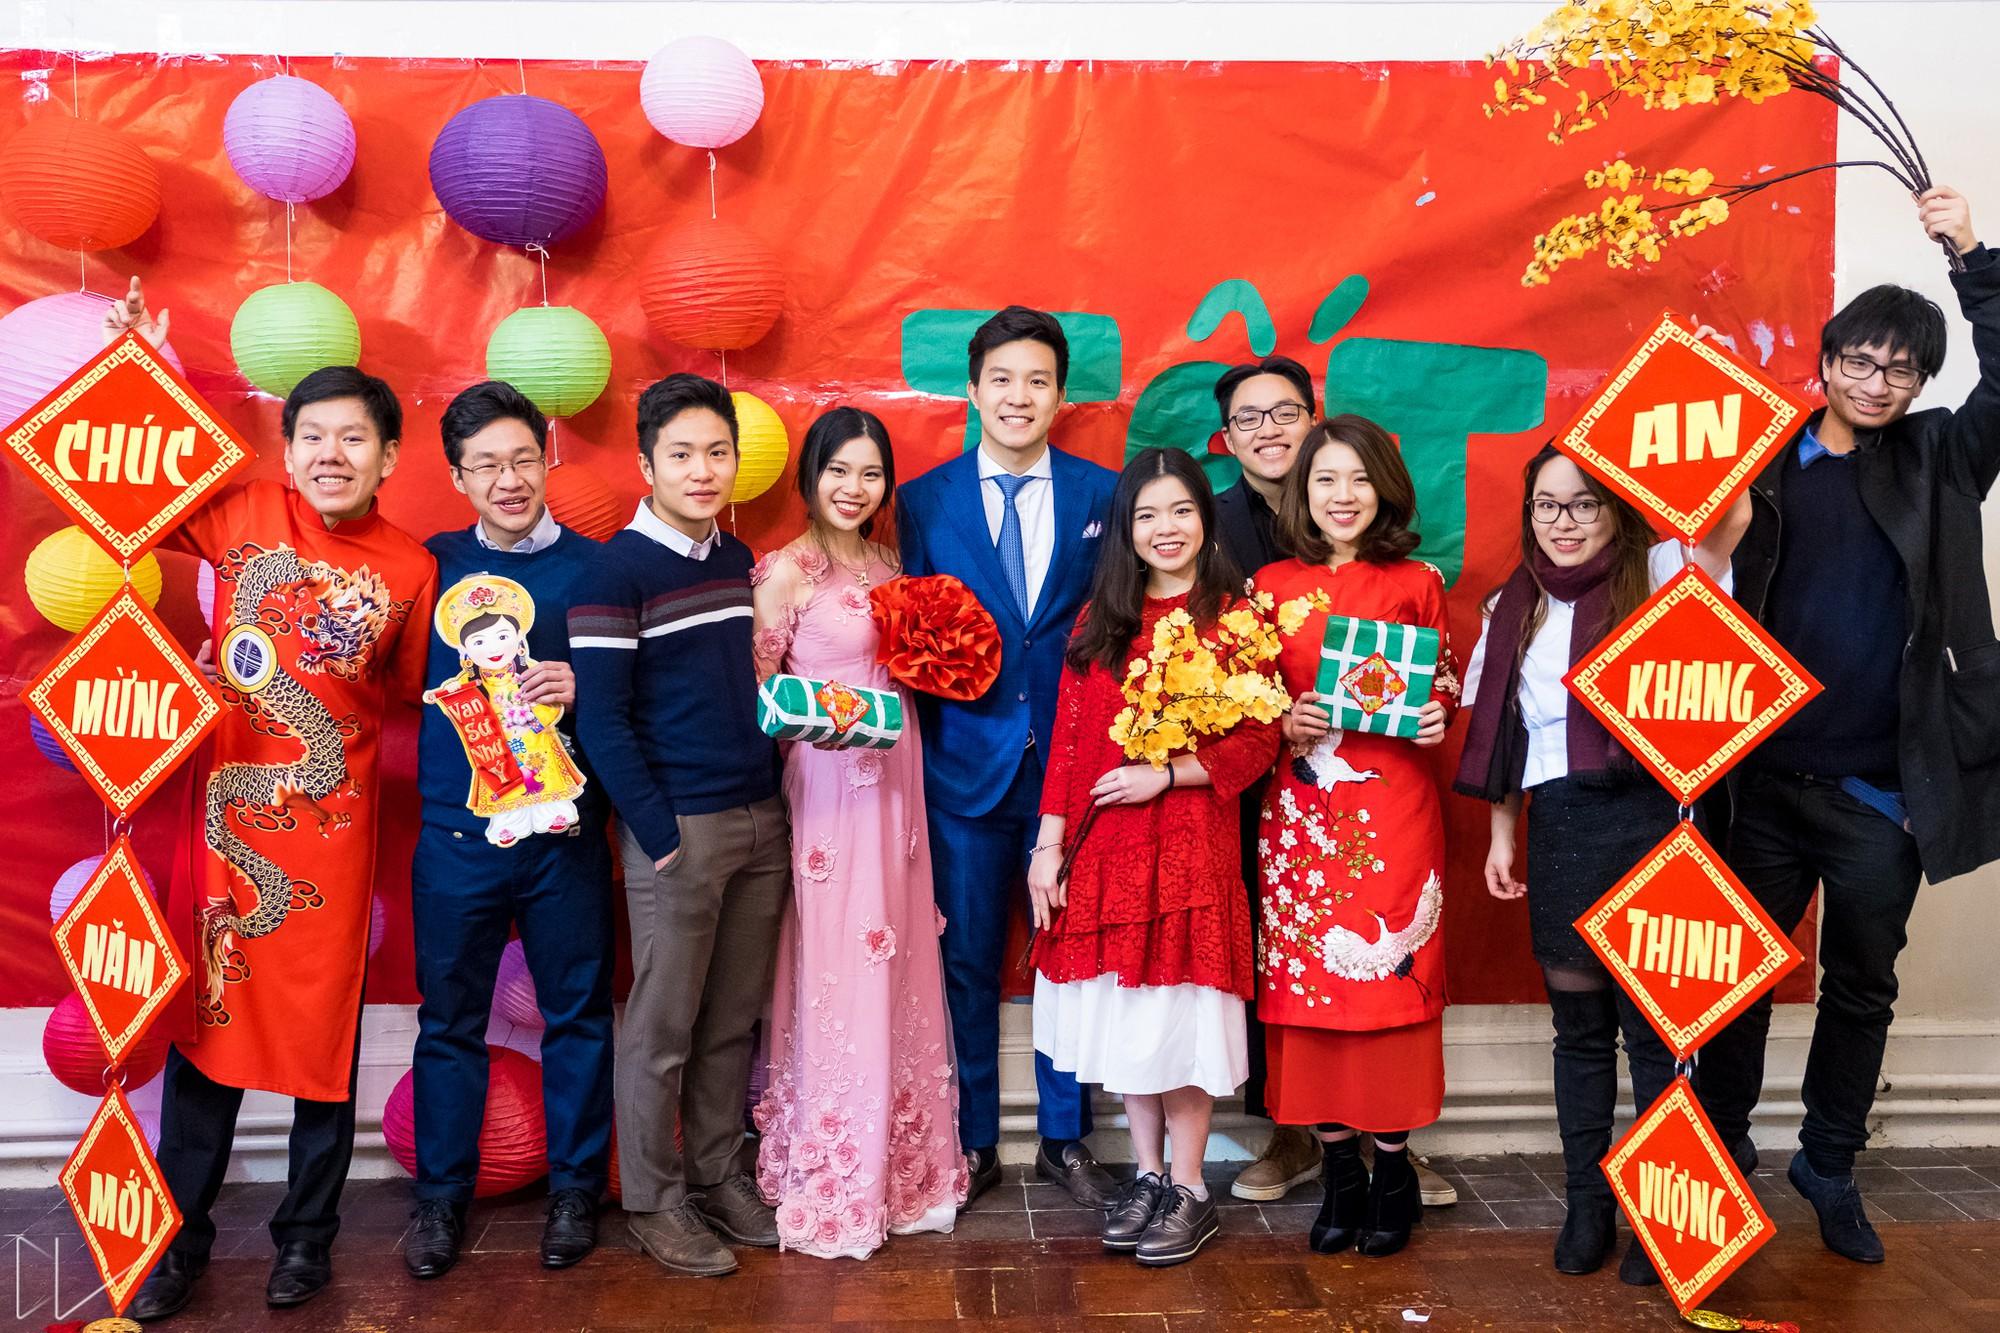 Trai xinh, gái đẹp nô nức tham gia chương trình Tết của du học sinh Việt tại Anh - Ảnh 2.